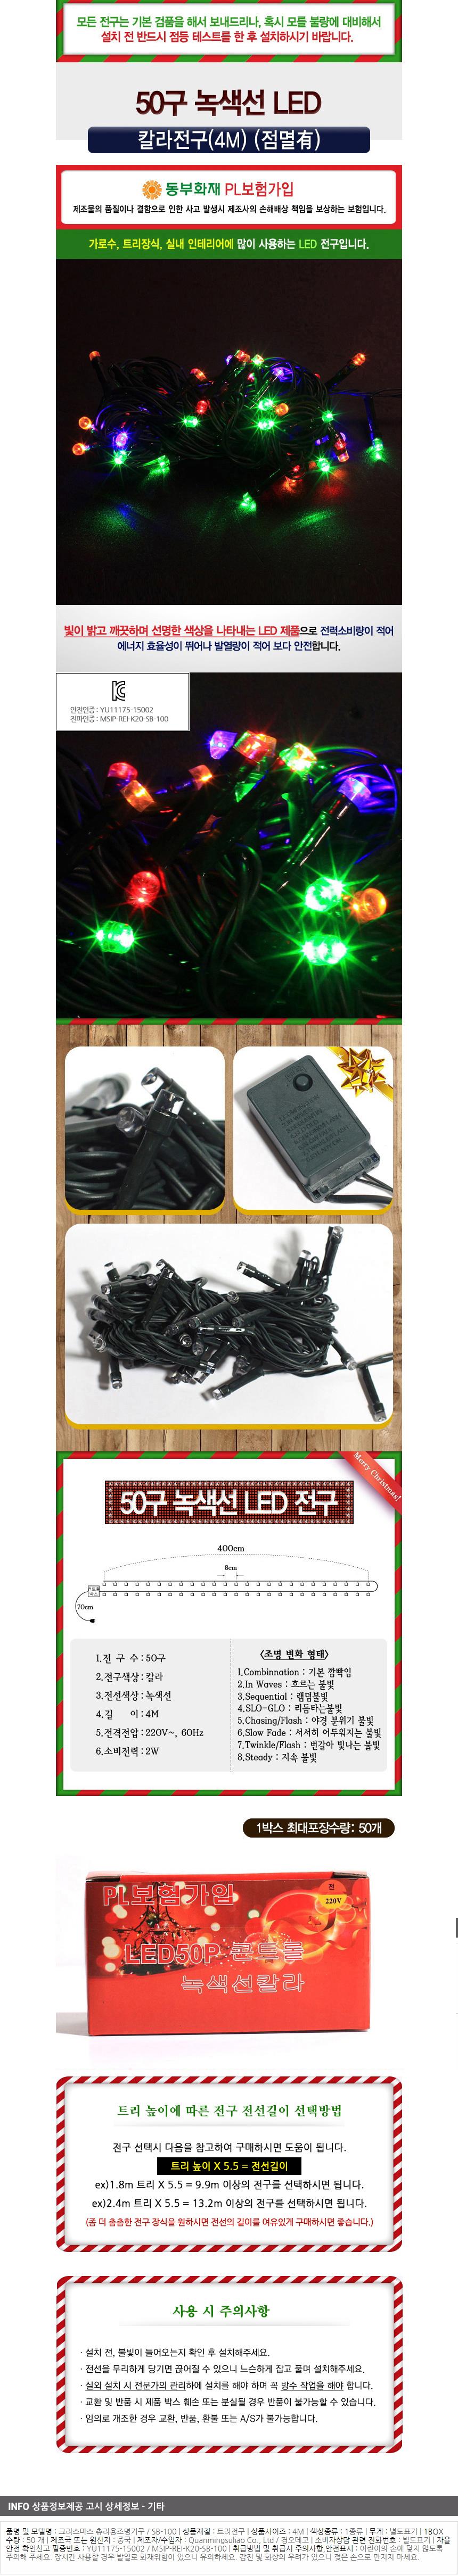 로즈트리 50구 칼라전구 LED조명 트리 장식품 - 기프트갓, 6,780원, 크리스마스, 전구/조명